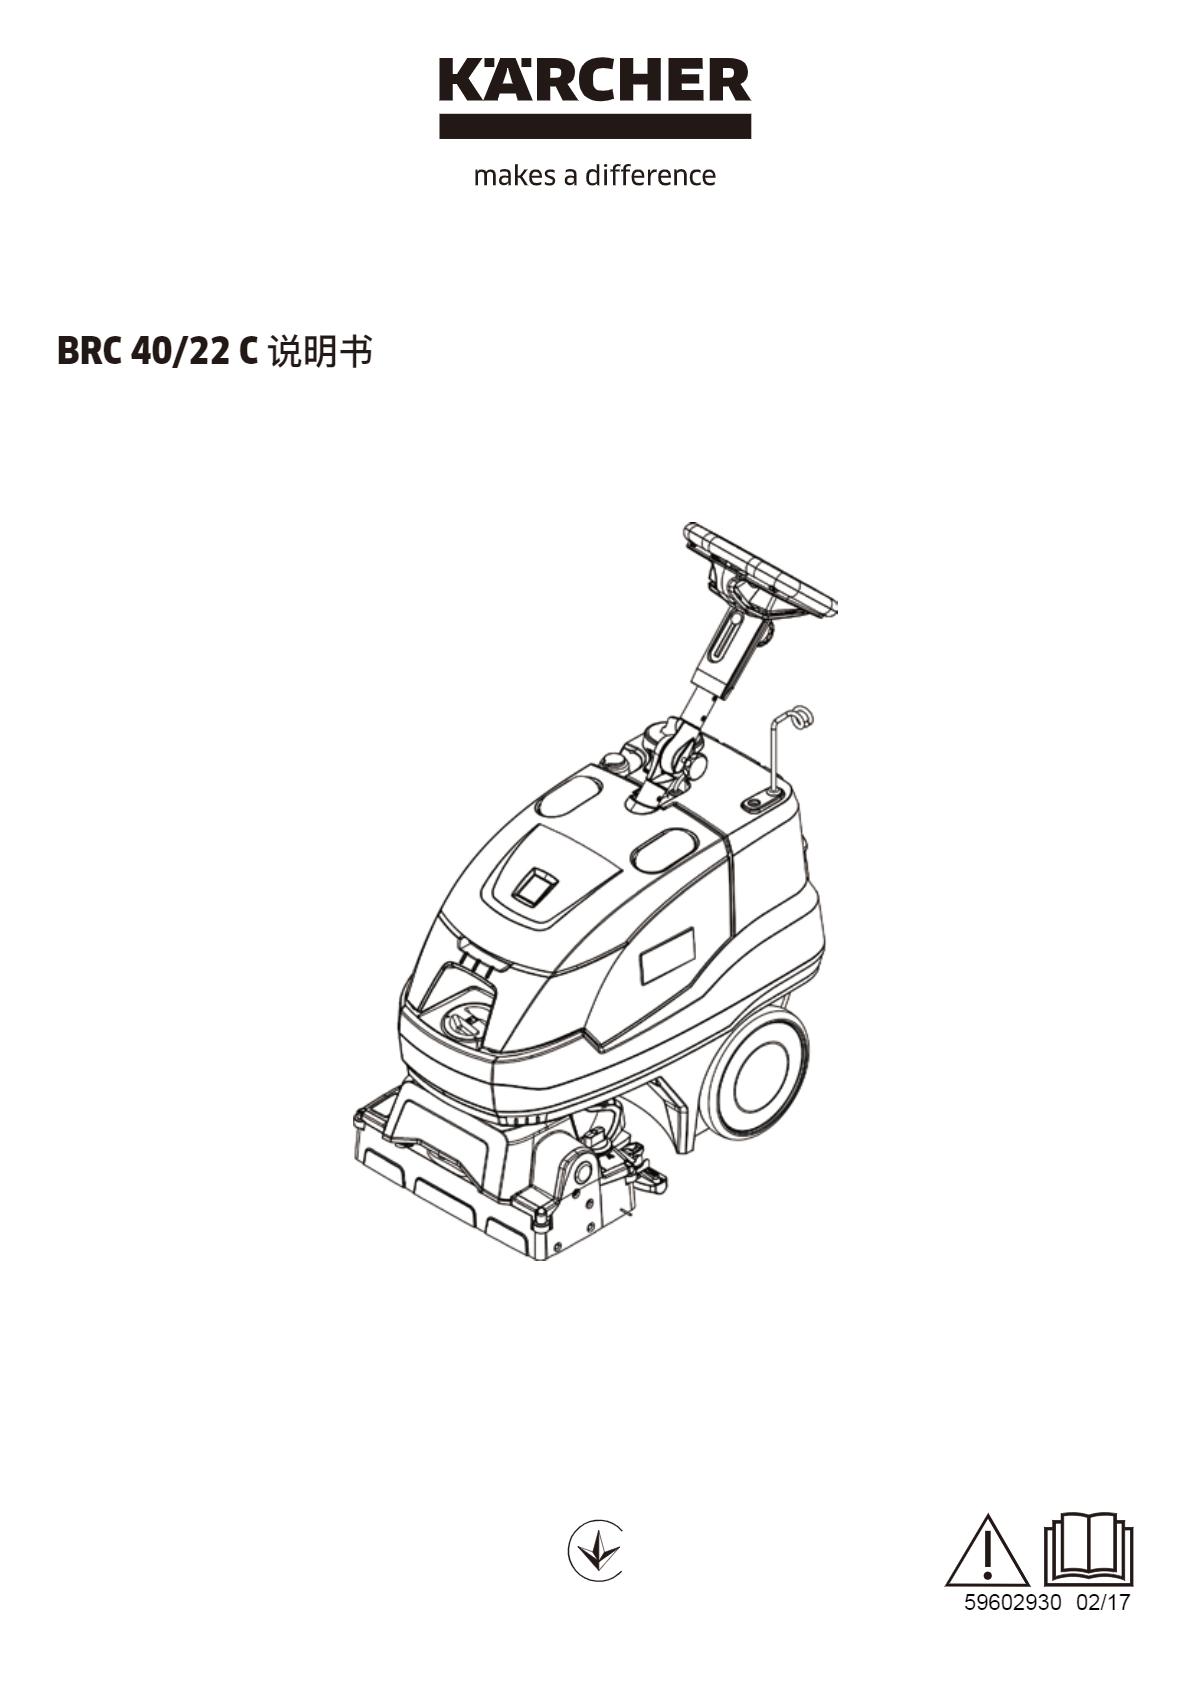 地毯清洗机 BRC 40/22 C说明书说明书下载